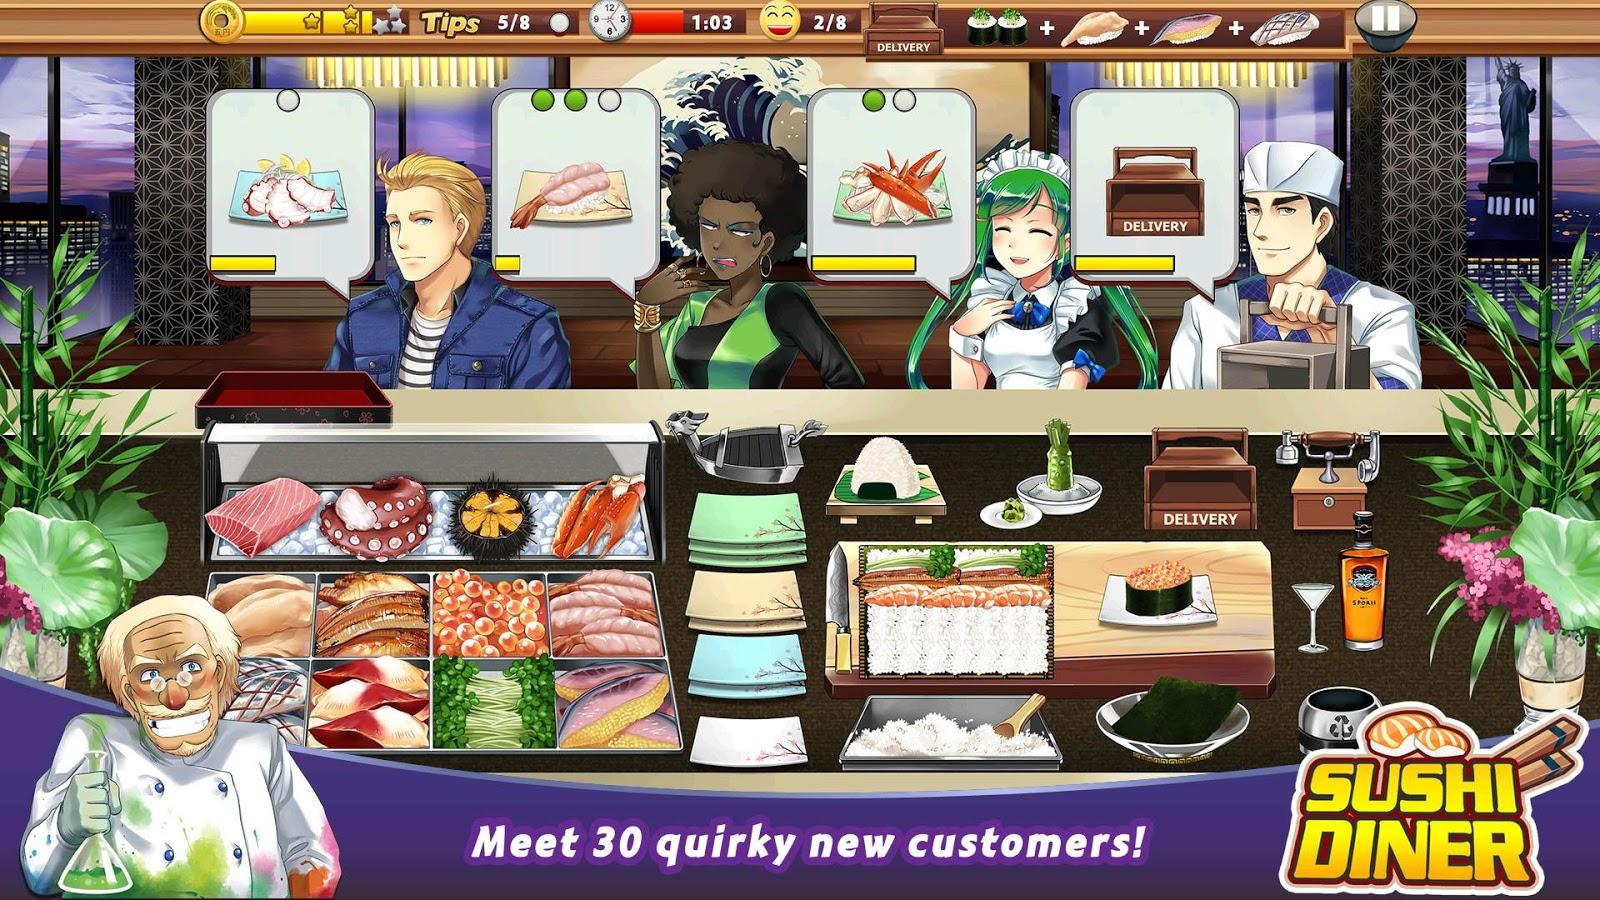 Game to cook - Sushi Diner Fun Cooking Game Screenshot